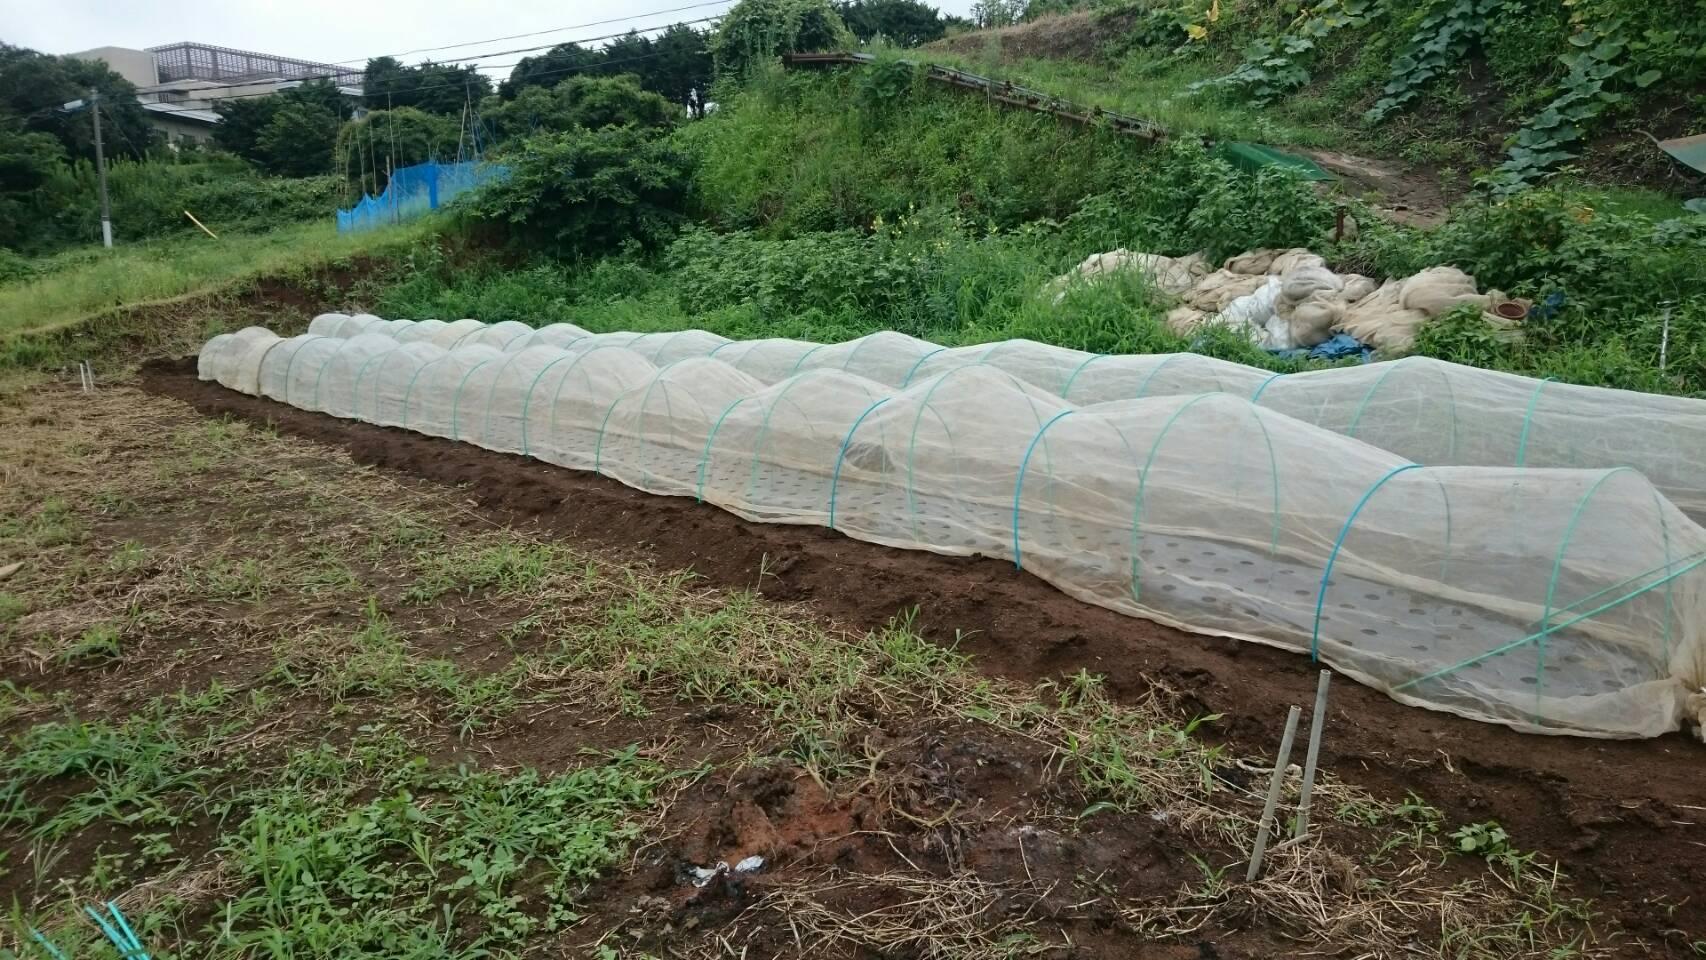 昨日播種した 畝 昨晩の豪雨で心配でした  結果セーフ!_c0222448_13532074.jpg